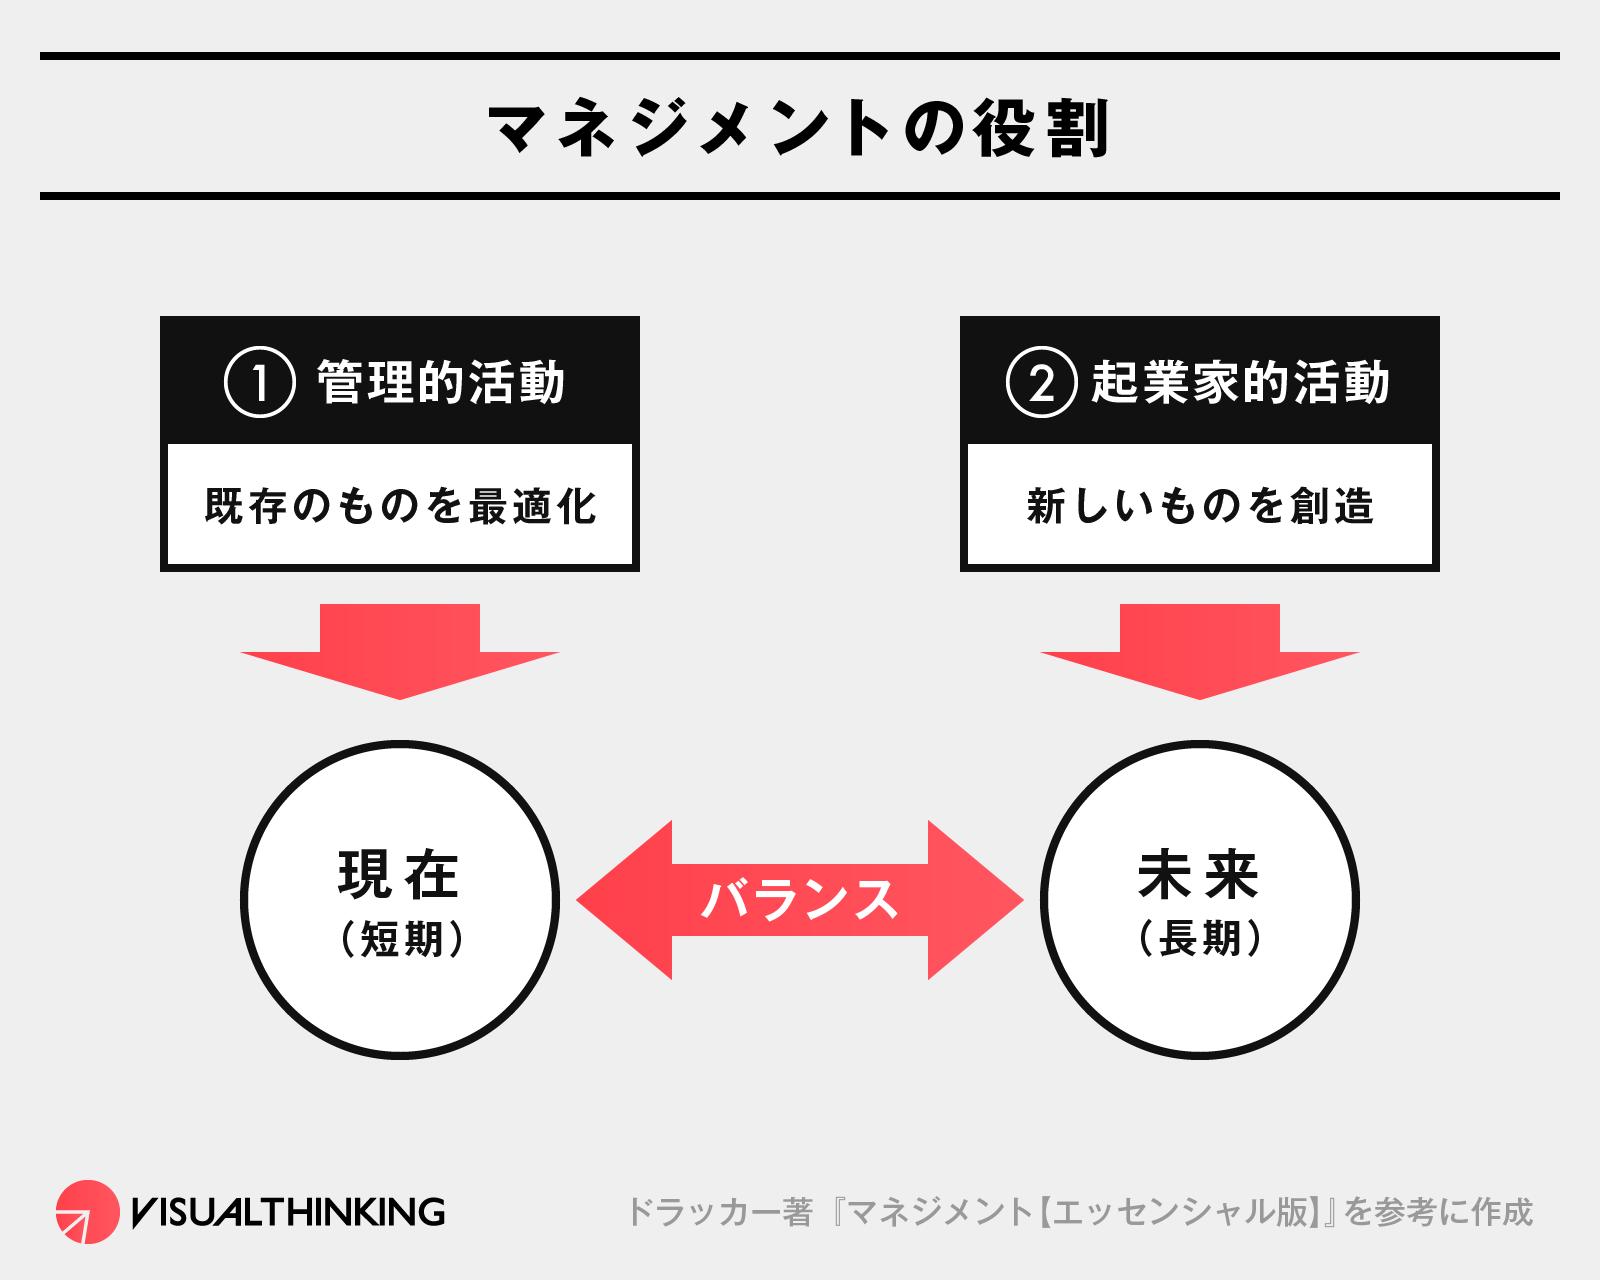 ドラッカー 図解 マネジメントの役割